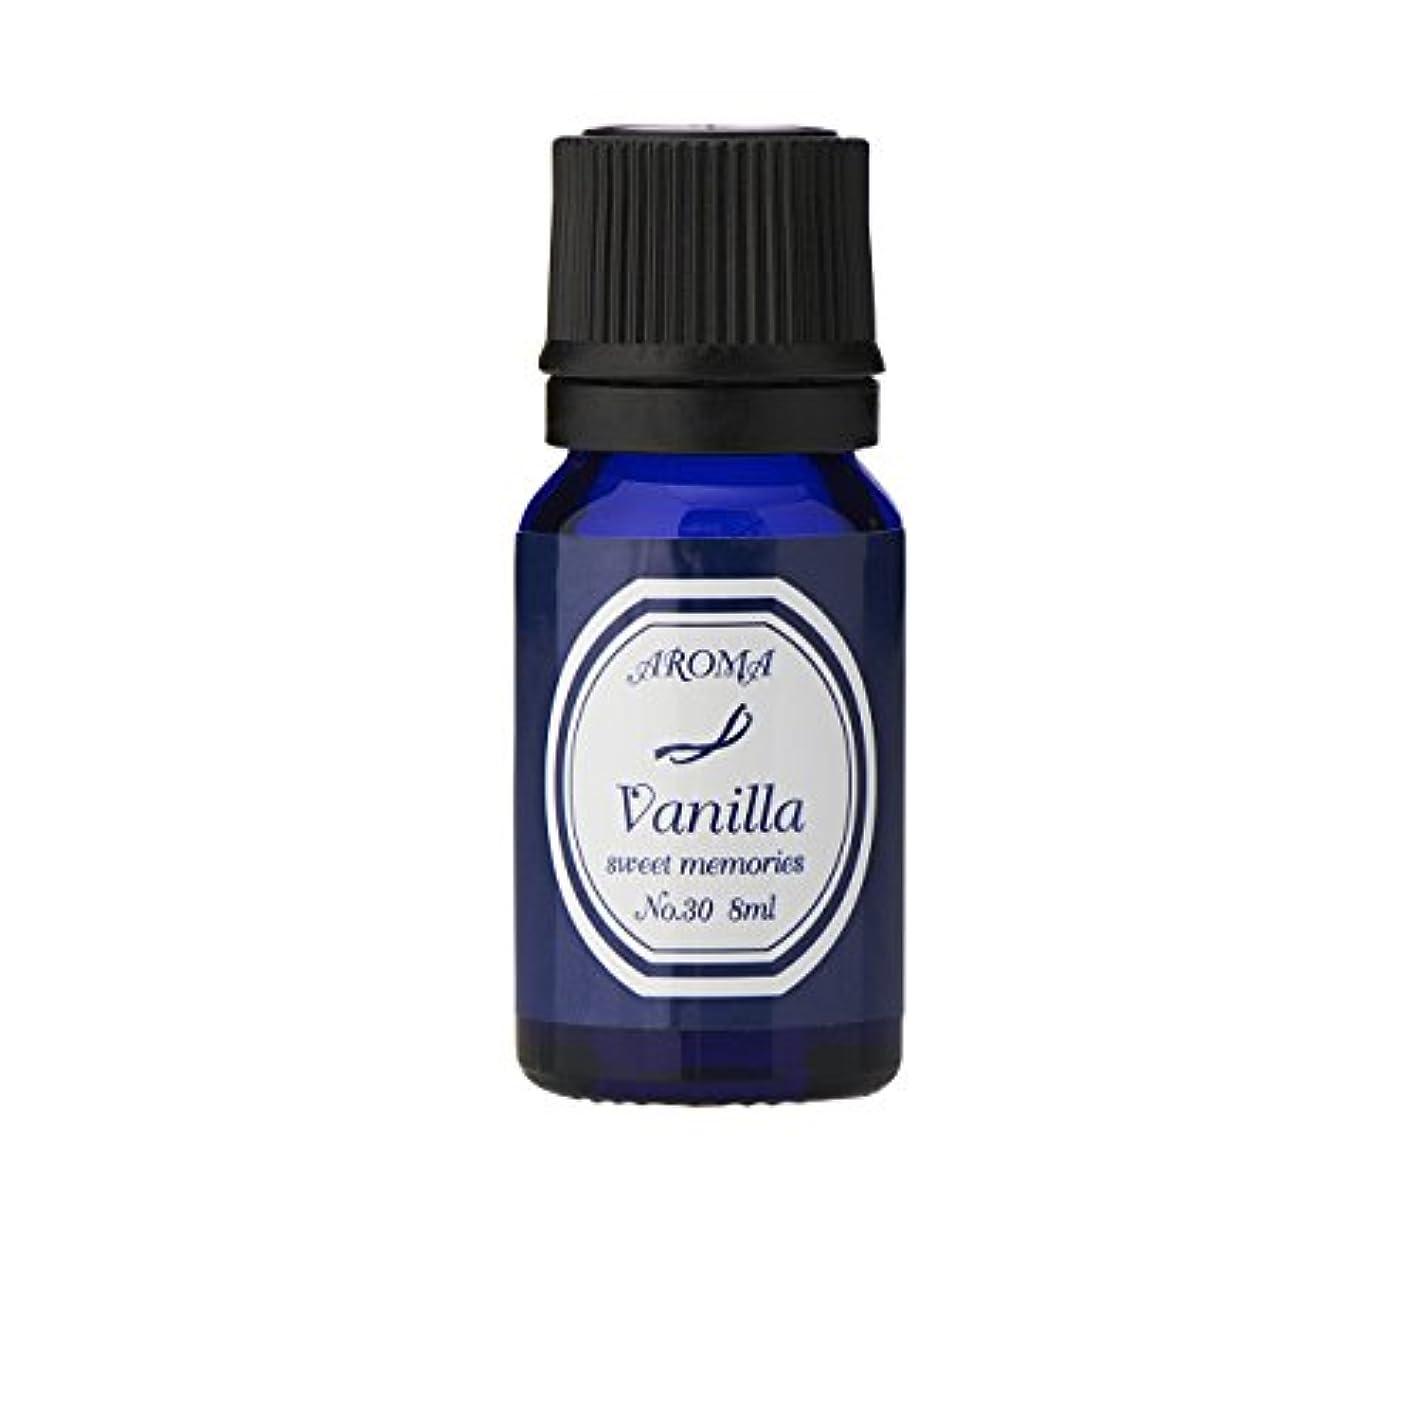 無傷マカダム用量ブルーラベル アロマエッセンス8ml バニラ(アロマオイル 調合香料 芳香用)